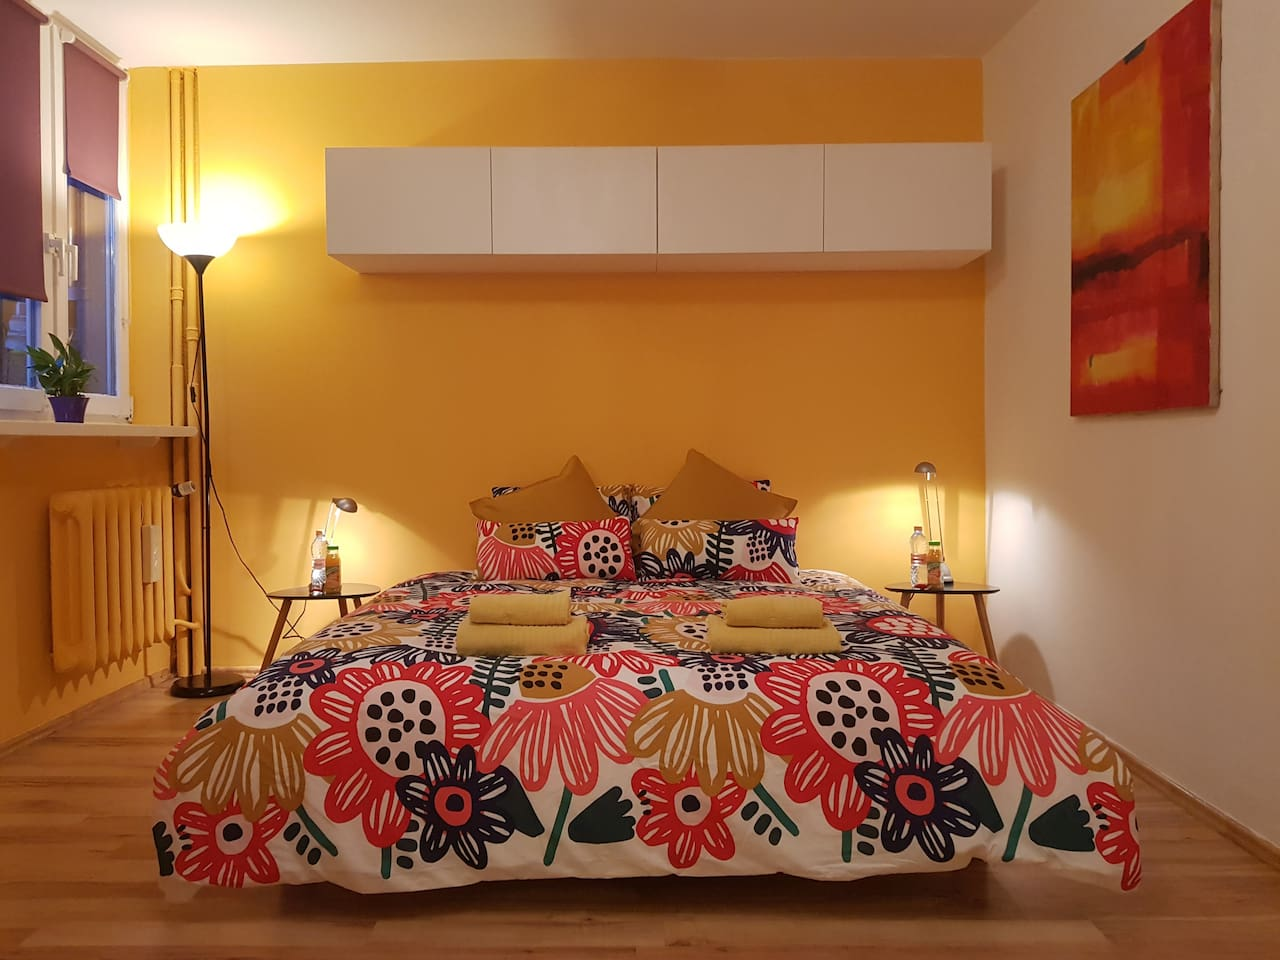 Bedroom, open space